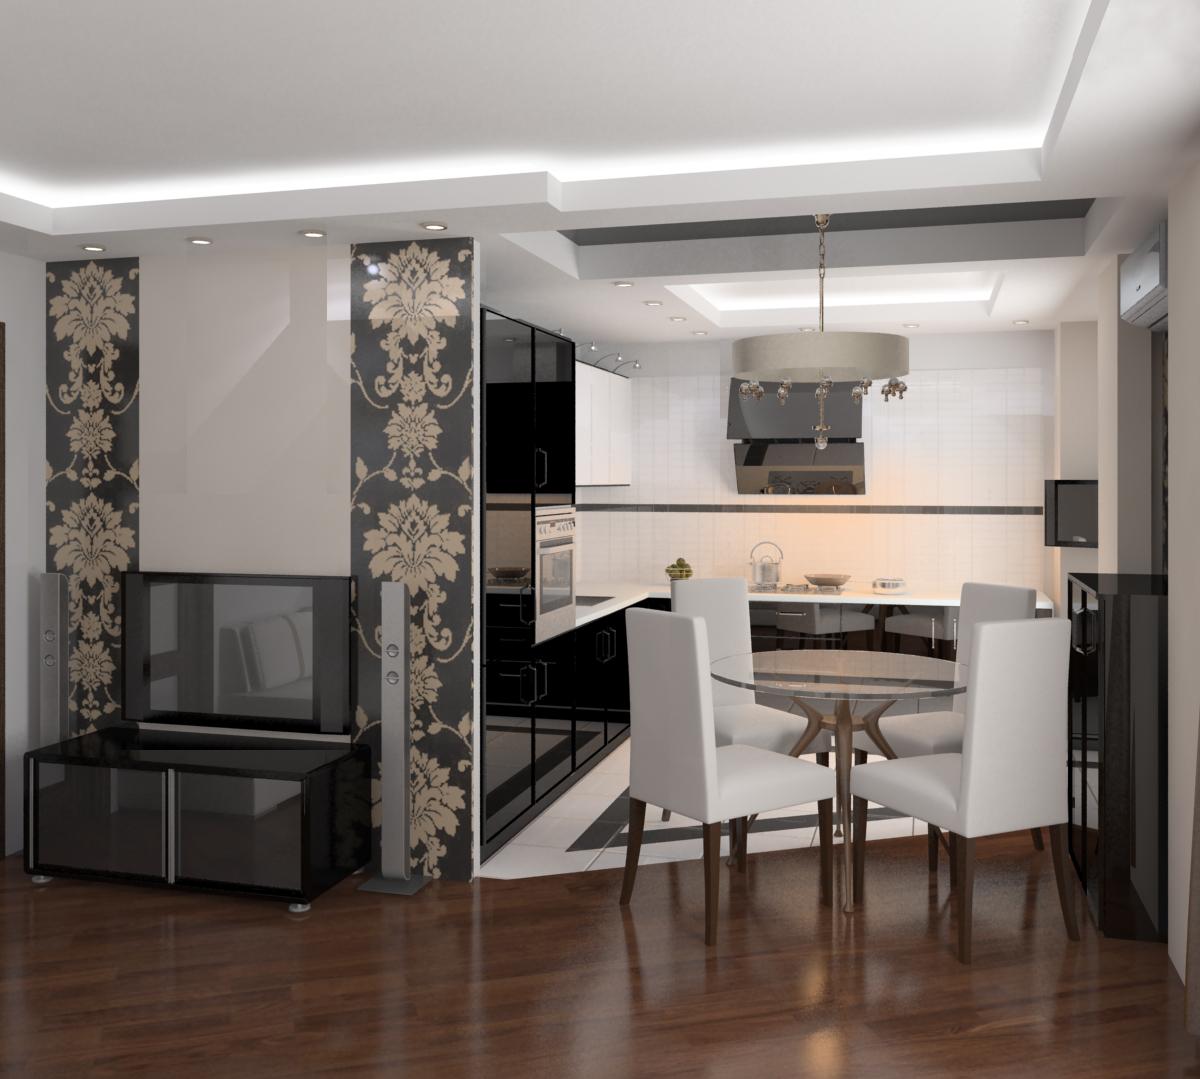 Кухня столовая гостиная в хрущевке дизайн